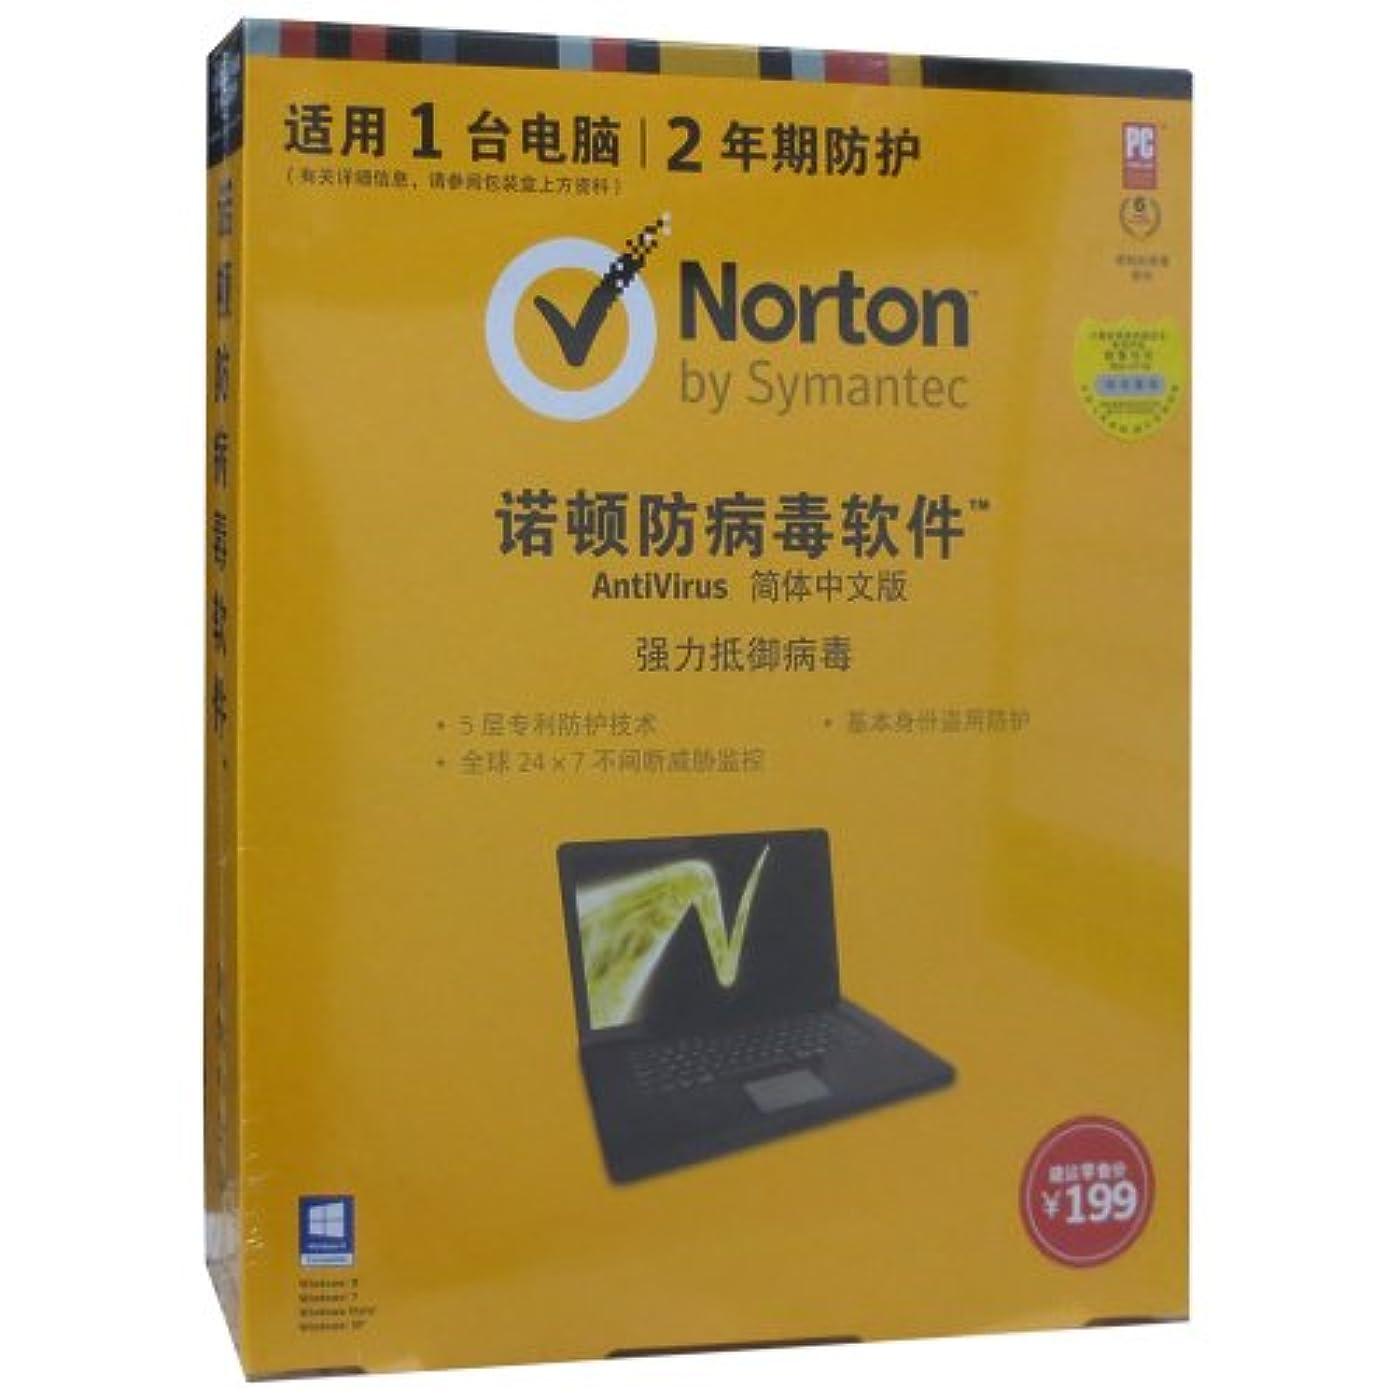 枯渇する浸透するルーキーノートン アンチウィルス Norton AntiVirus 2012 輸入版 1台用 2年版